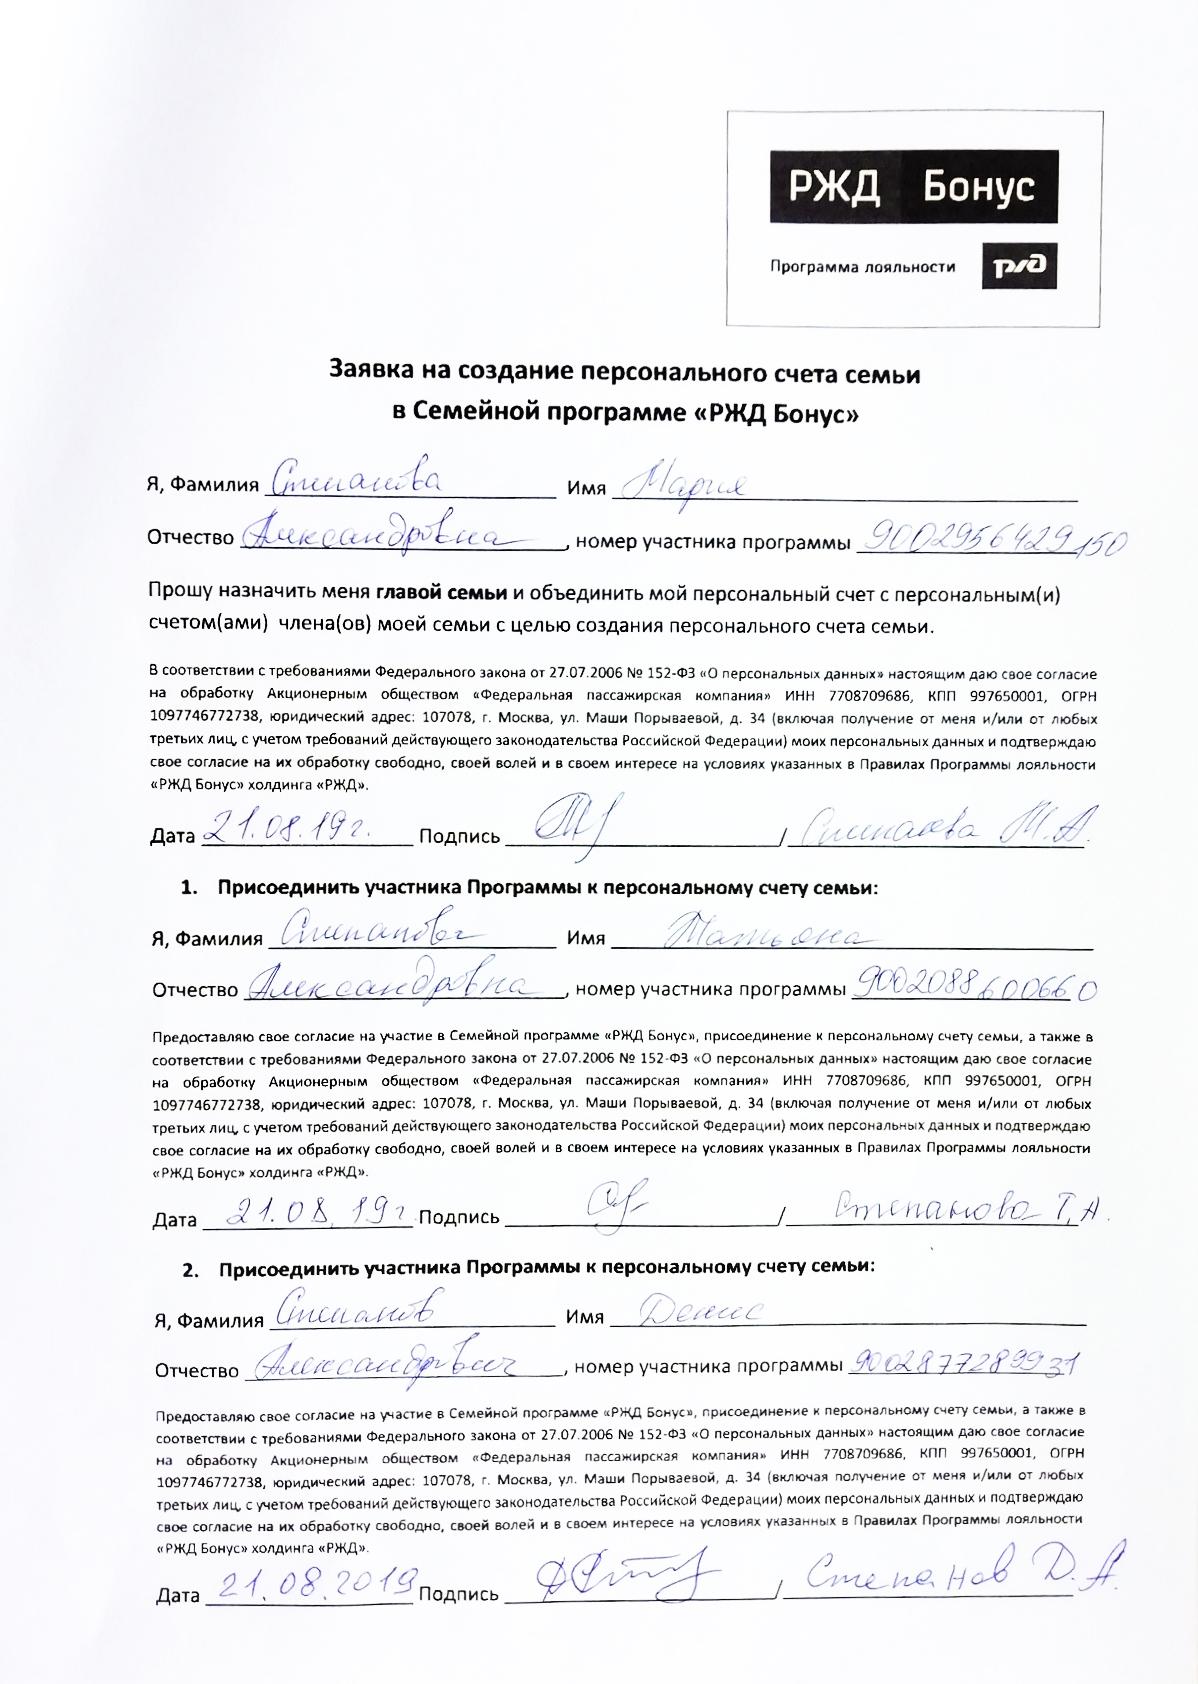 Заявление, которое нужно скачать, распечатать, заполнить, отсканировать и отправить напочту вРЖД. Спасибо, что хоть наэлектронную